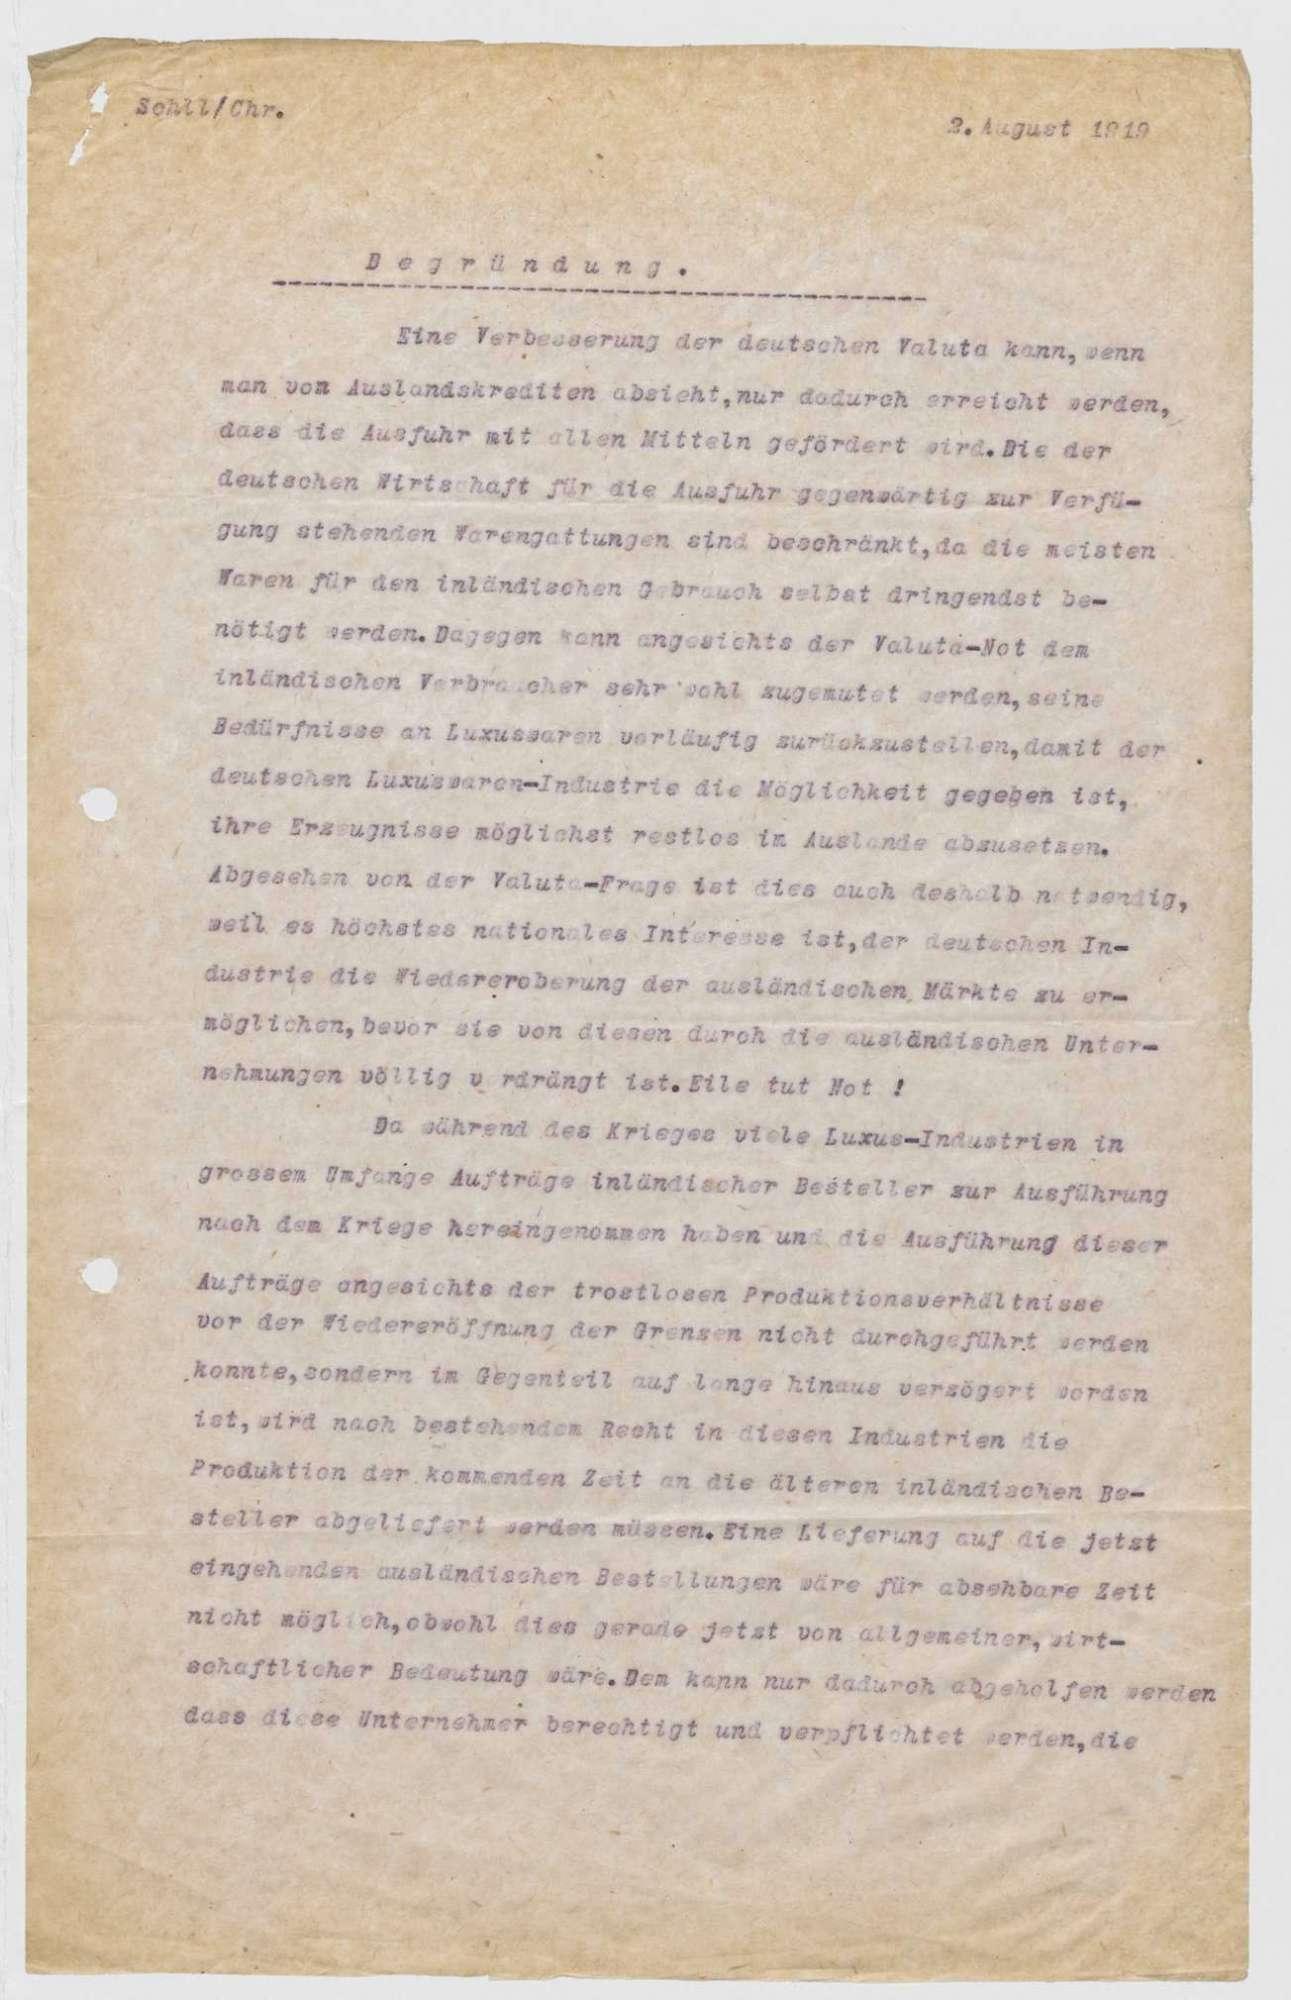 """""""Entwurf einer Verordnung betr. die Ausführung von Auslands-Aufträgen"""", Bild 3"""